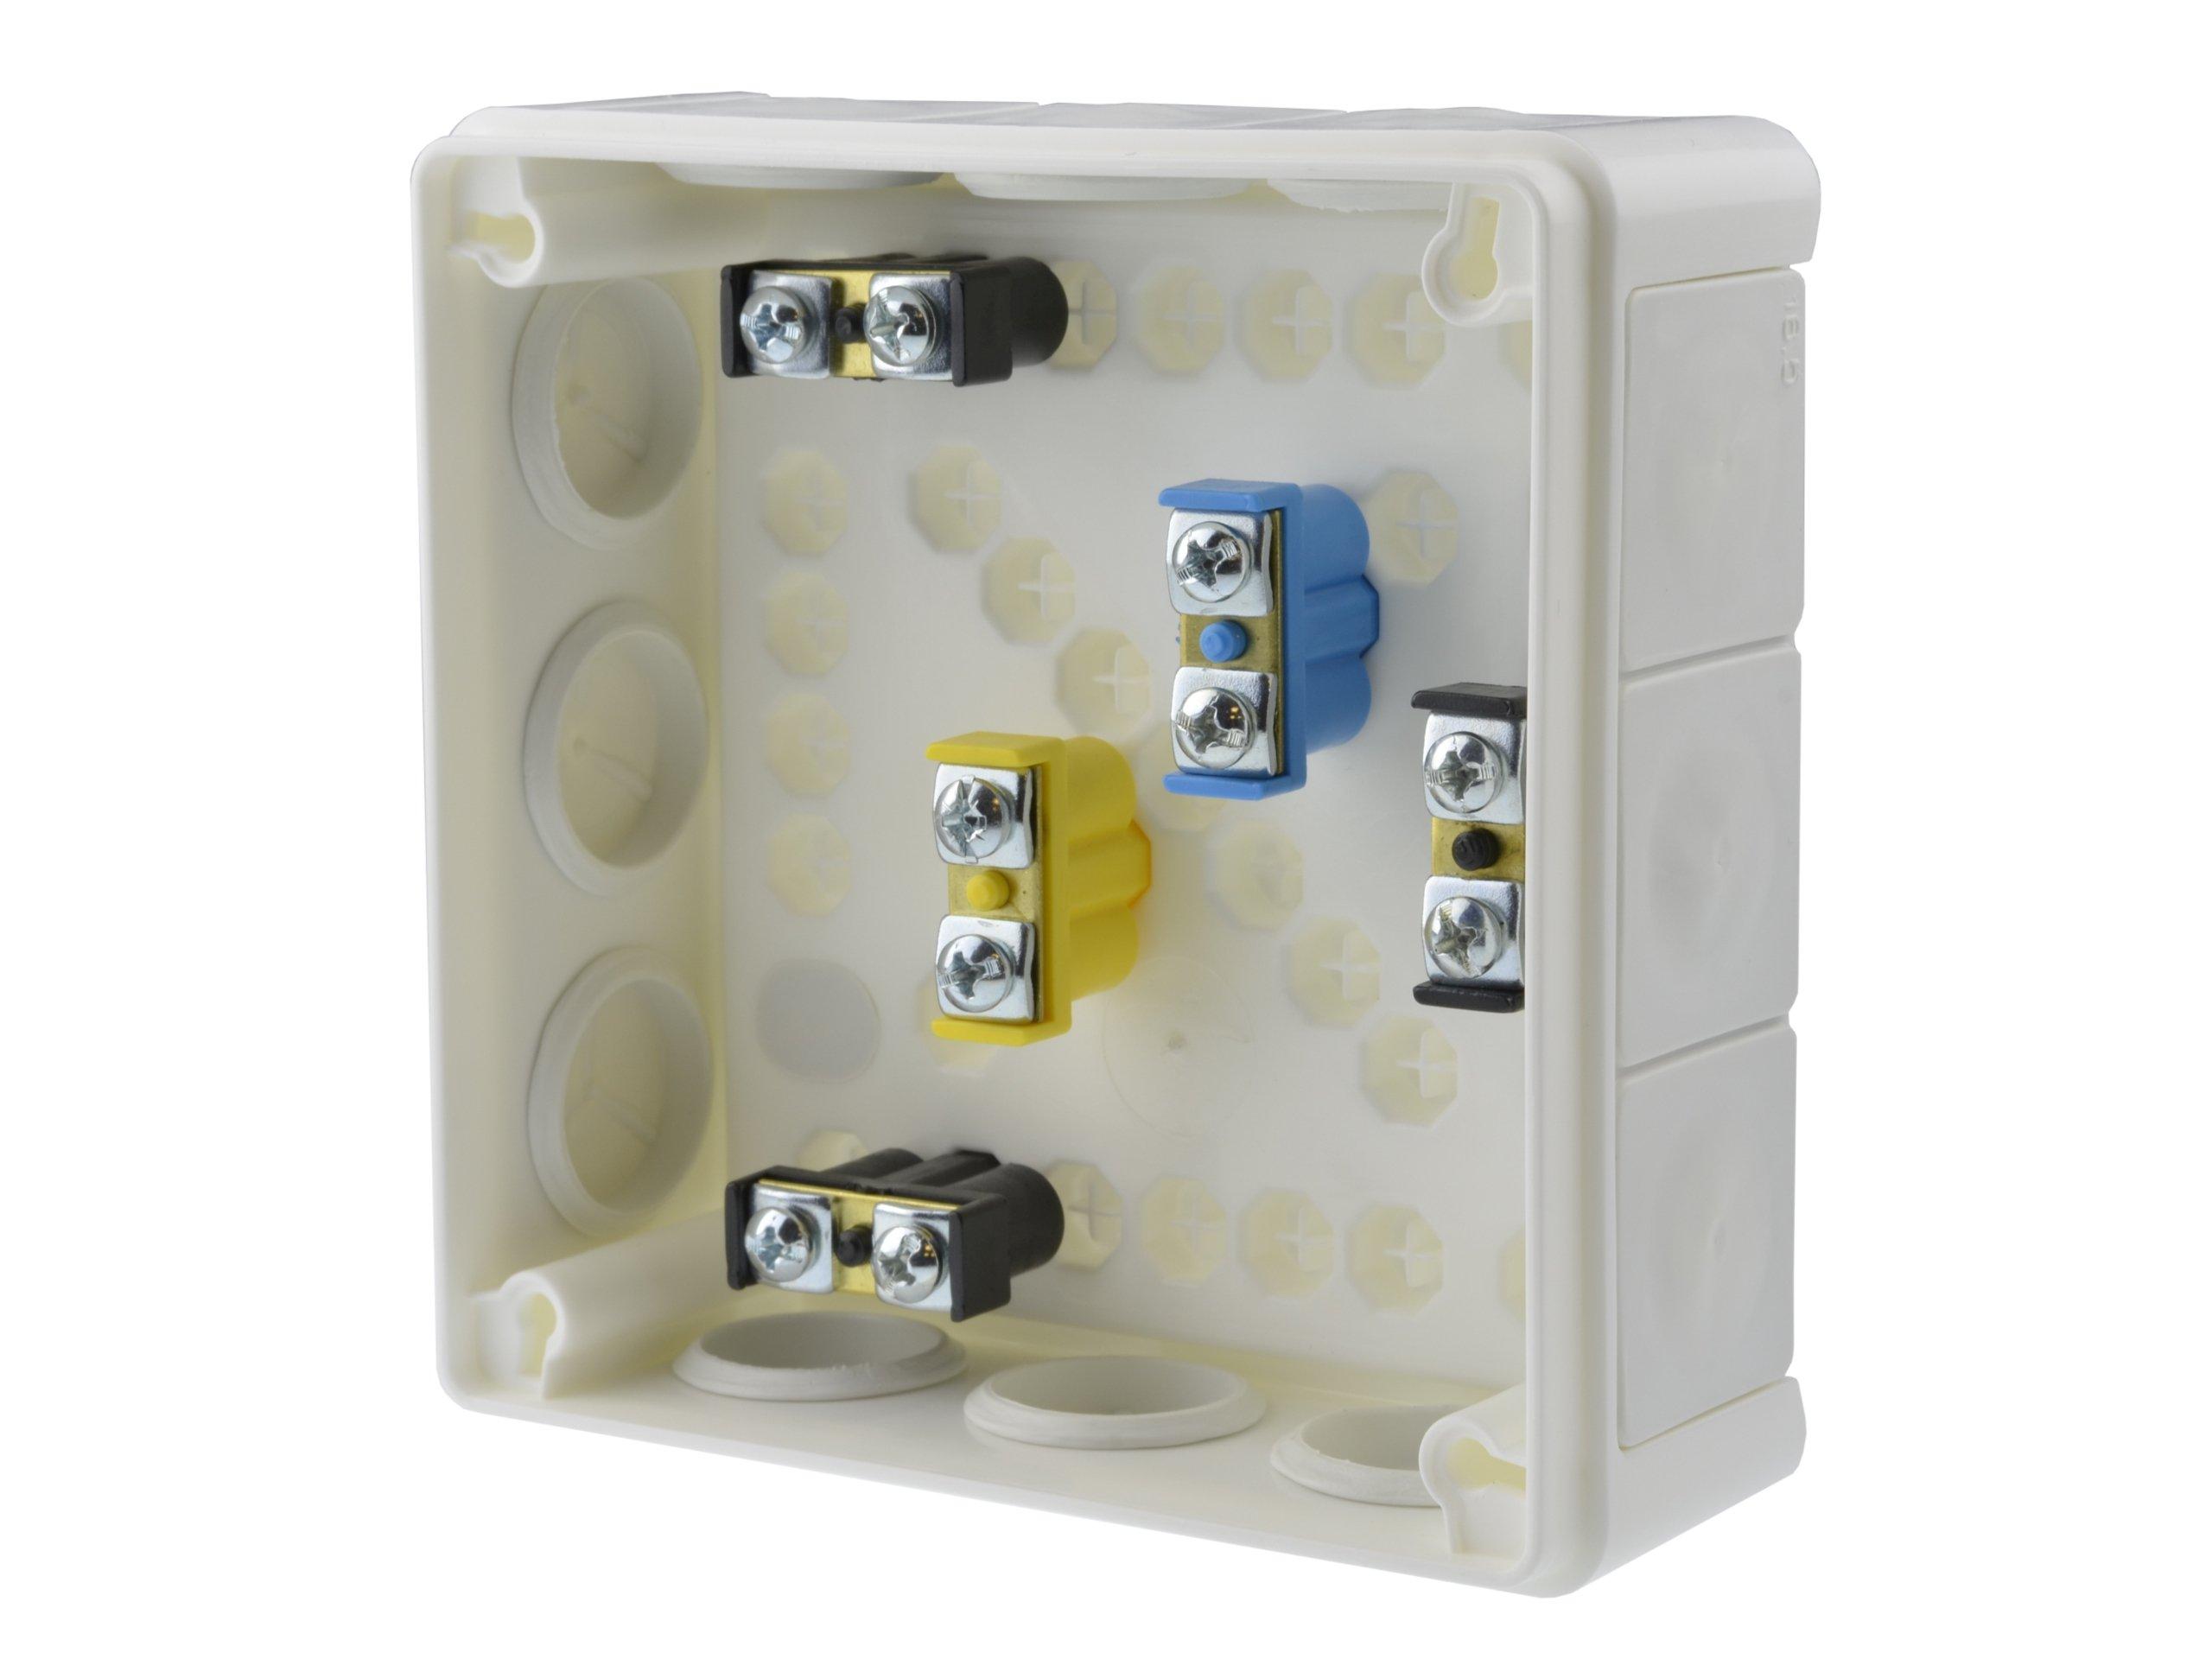 Puszka natynkowa hermetyczna biała 110x110 IP55